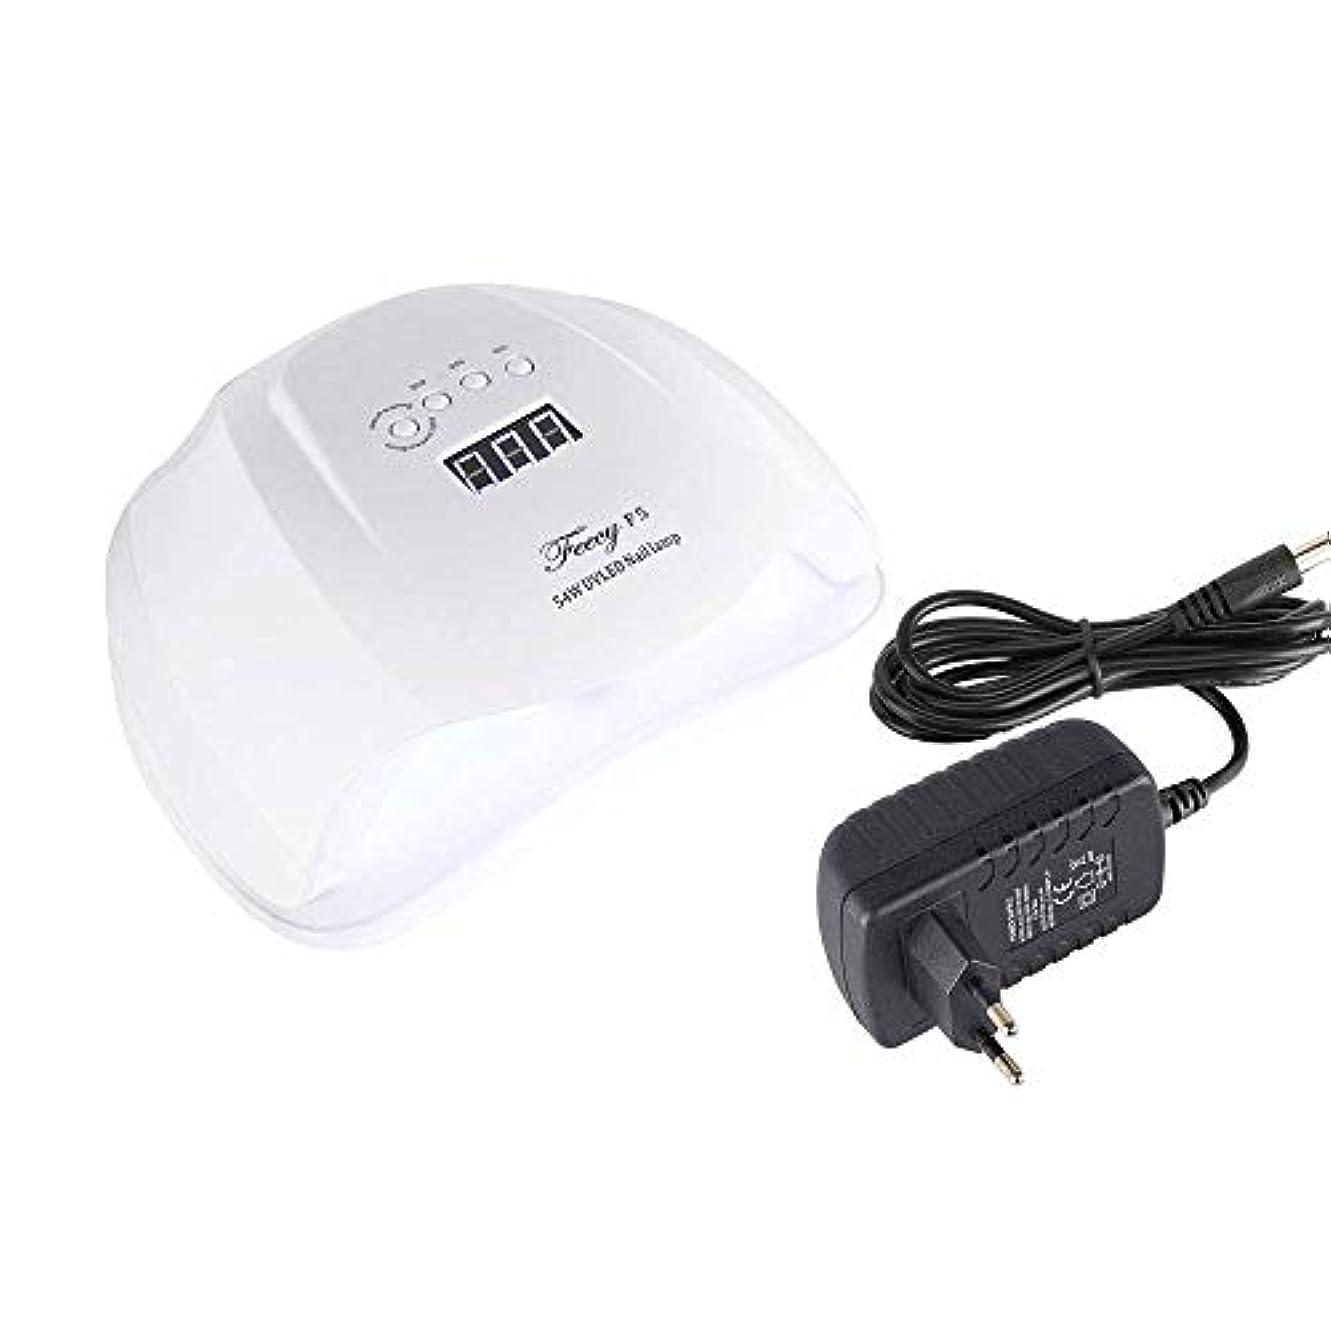 性別ラボリークネイルドライヤーF5 UVランプ54W 36 LEDランプネイルSUN5X UV LEDネイルランプジェルポリッシュマニキュア乾燥ネイルデュアルアイスランプジェルポリッシュマニキュア